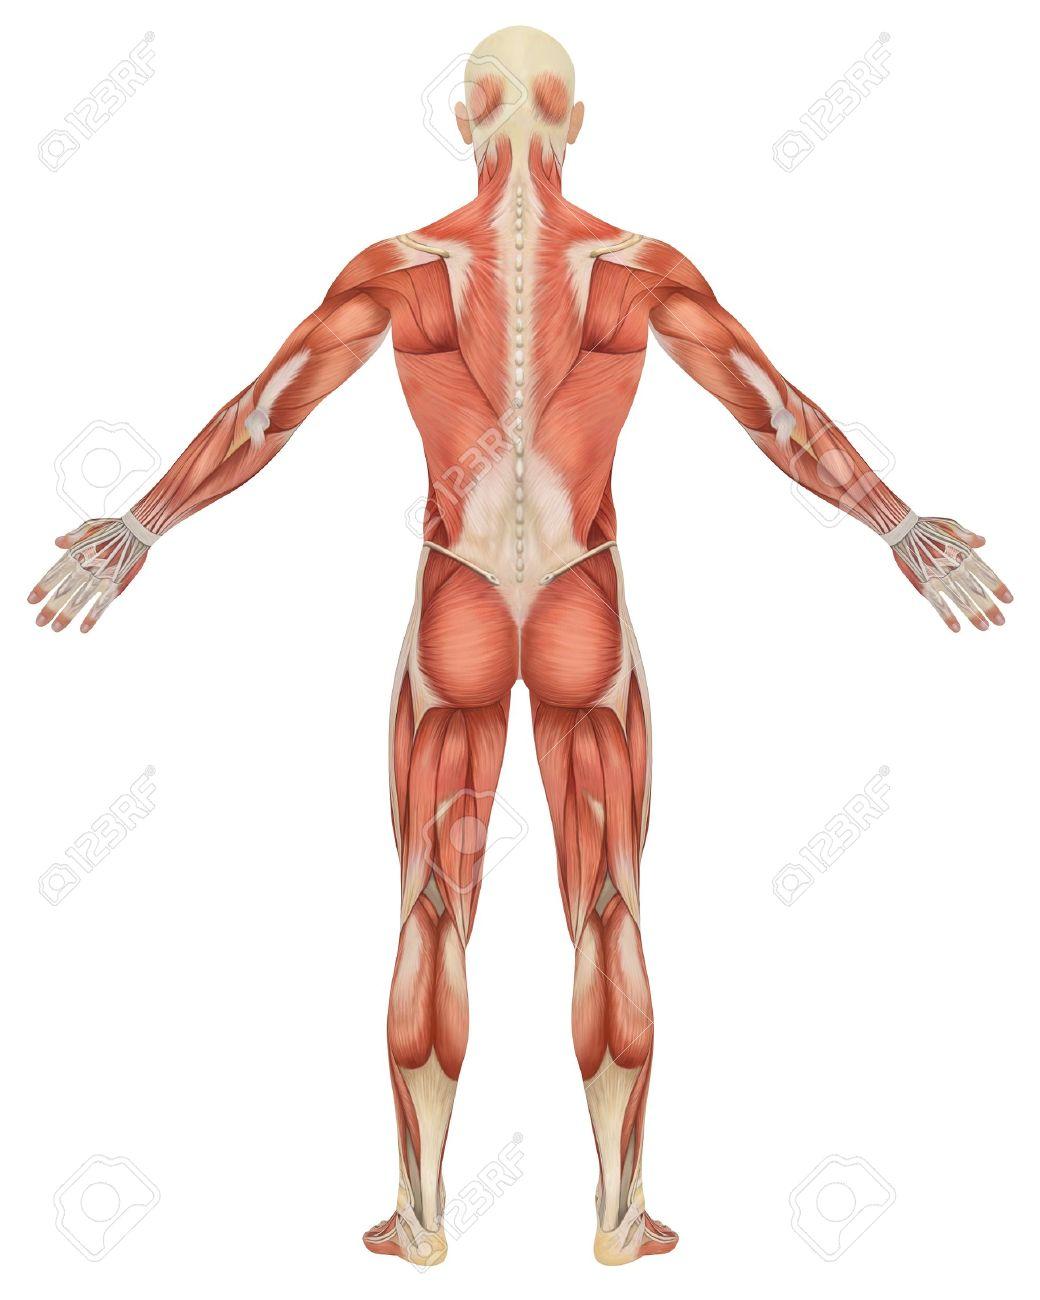 Ein Beispiel Für Die Rückansicht Der Muskel Männlich Anatomie. Sehr ...